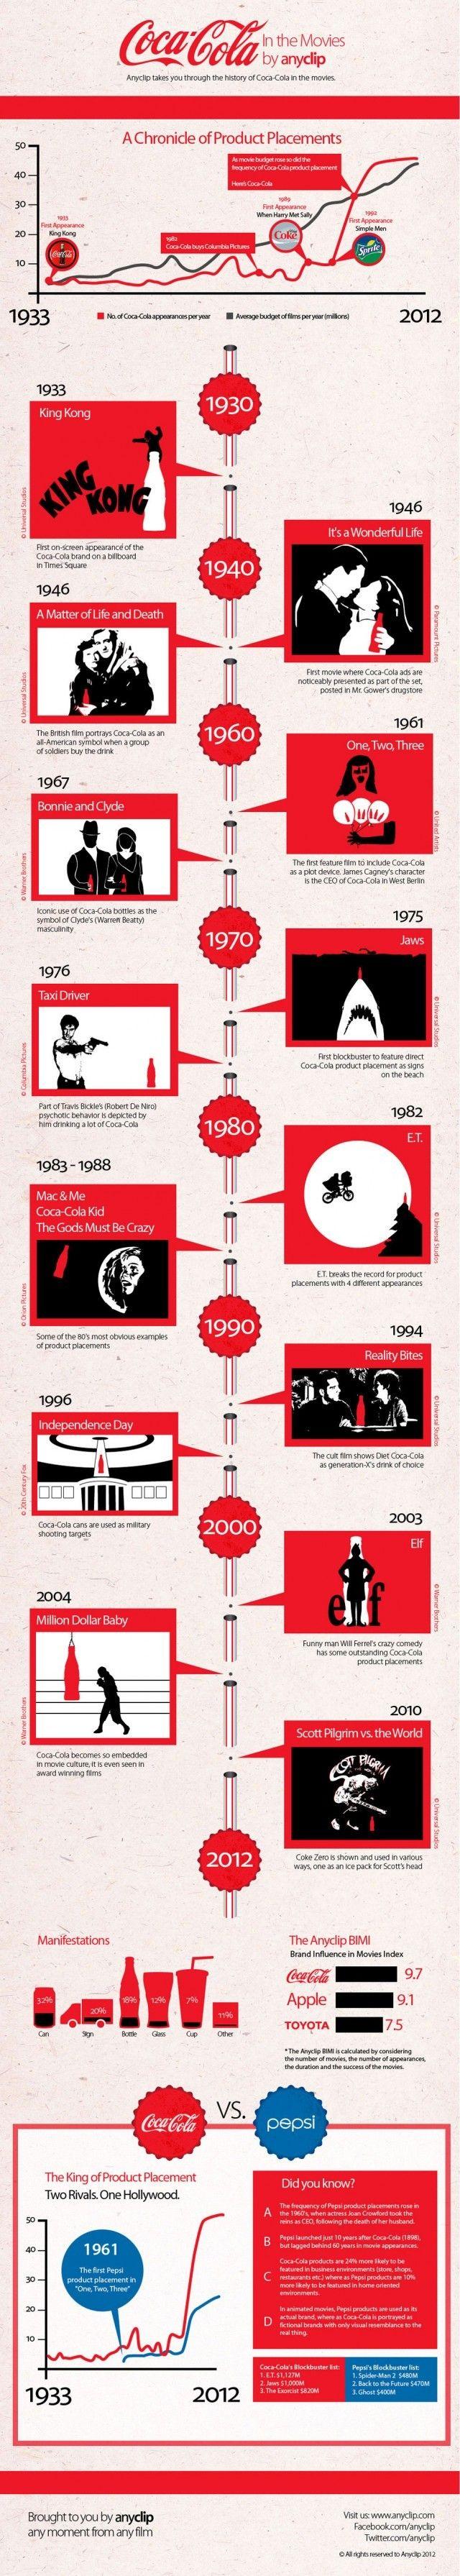 Coca-Cola et le placement de produits